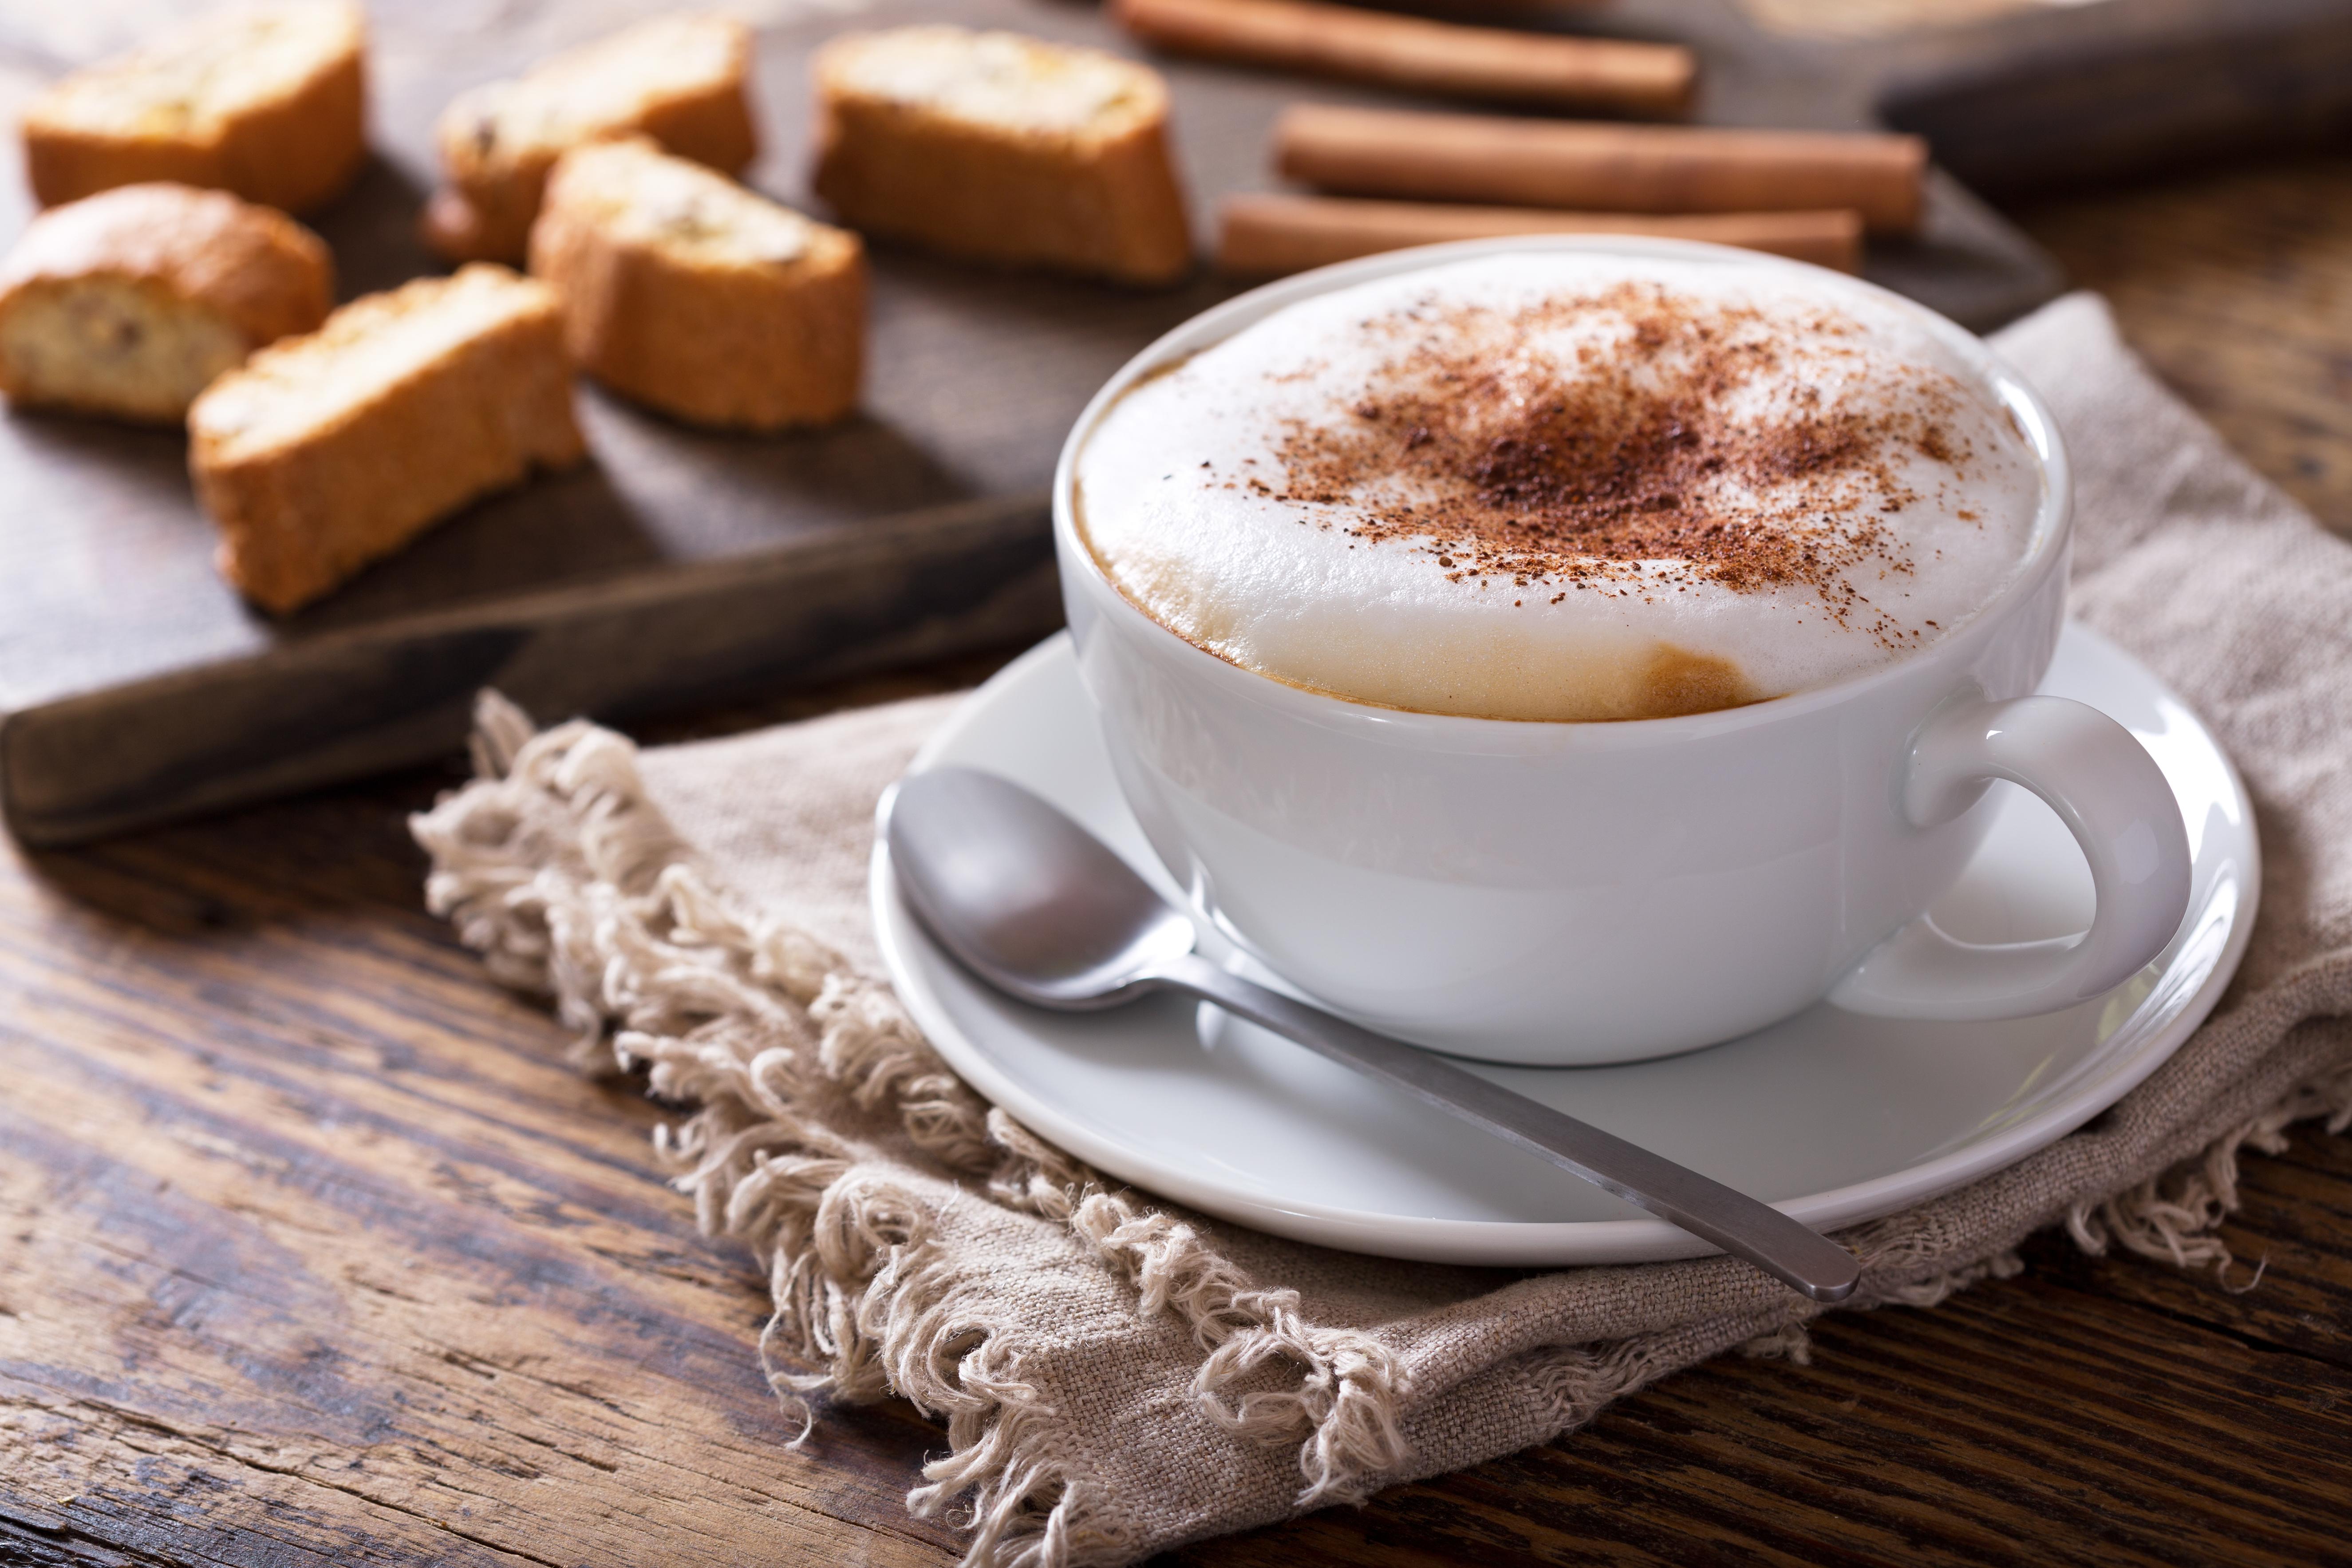 【カフェで使えるマメ知識】カプチーノとラテの違いって?